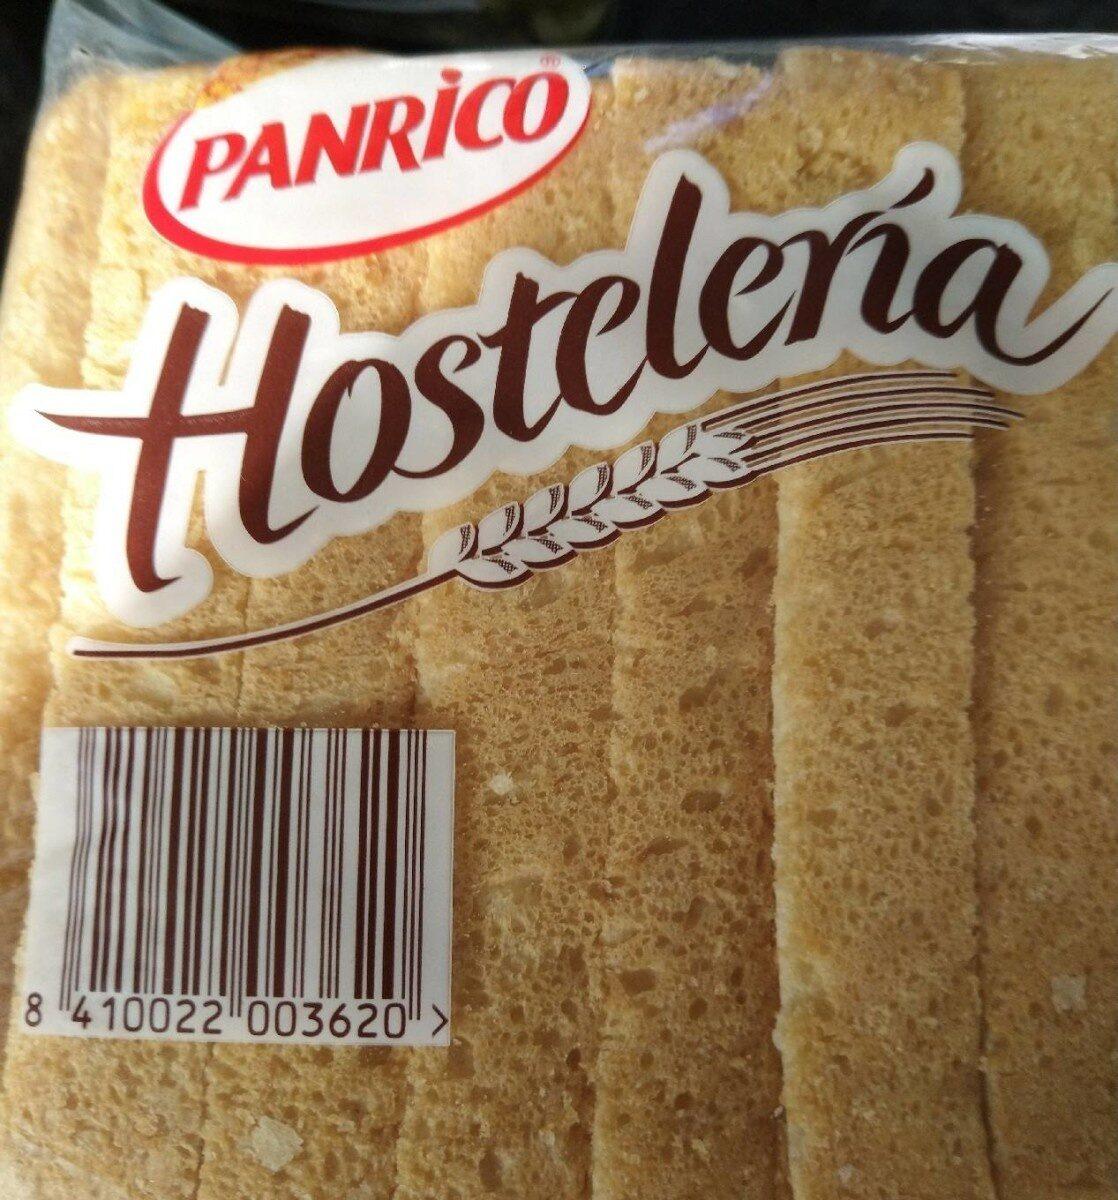 Pan de molde hostelería - Producto